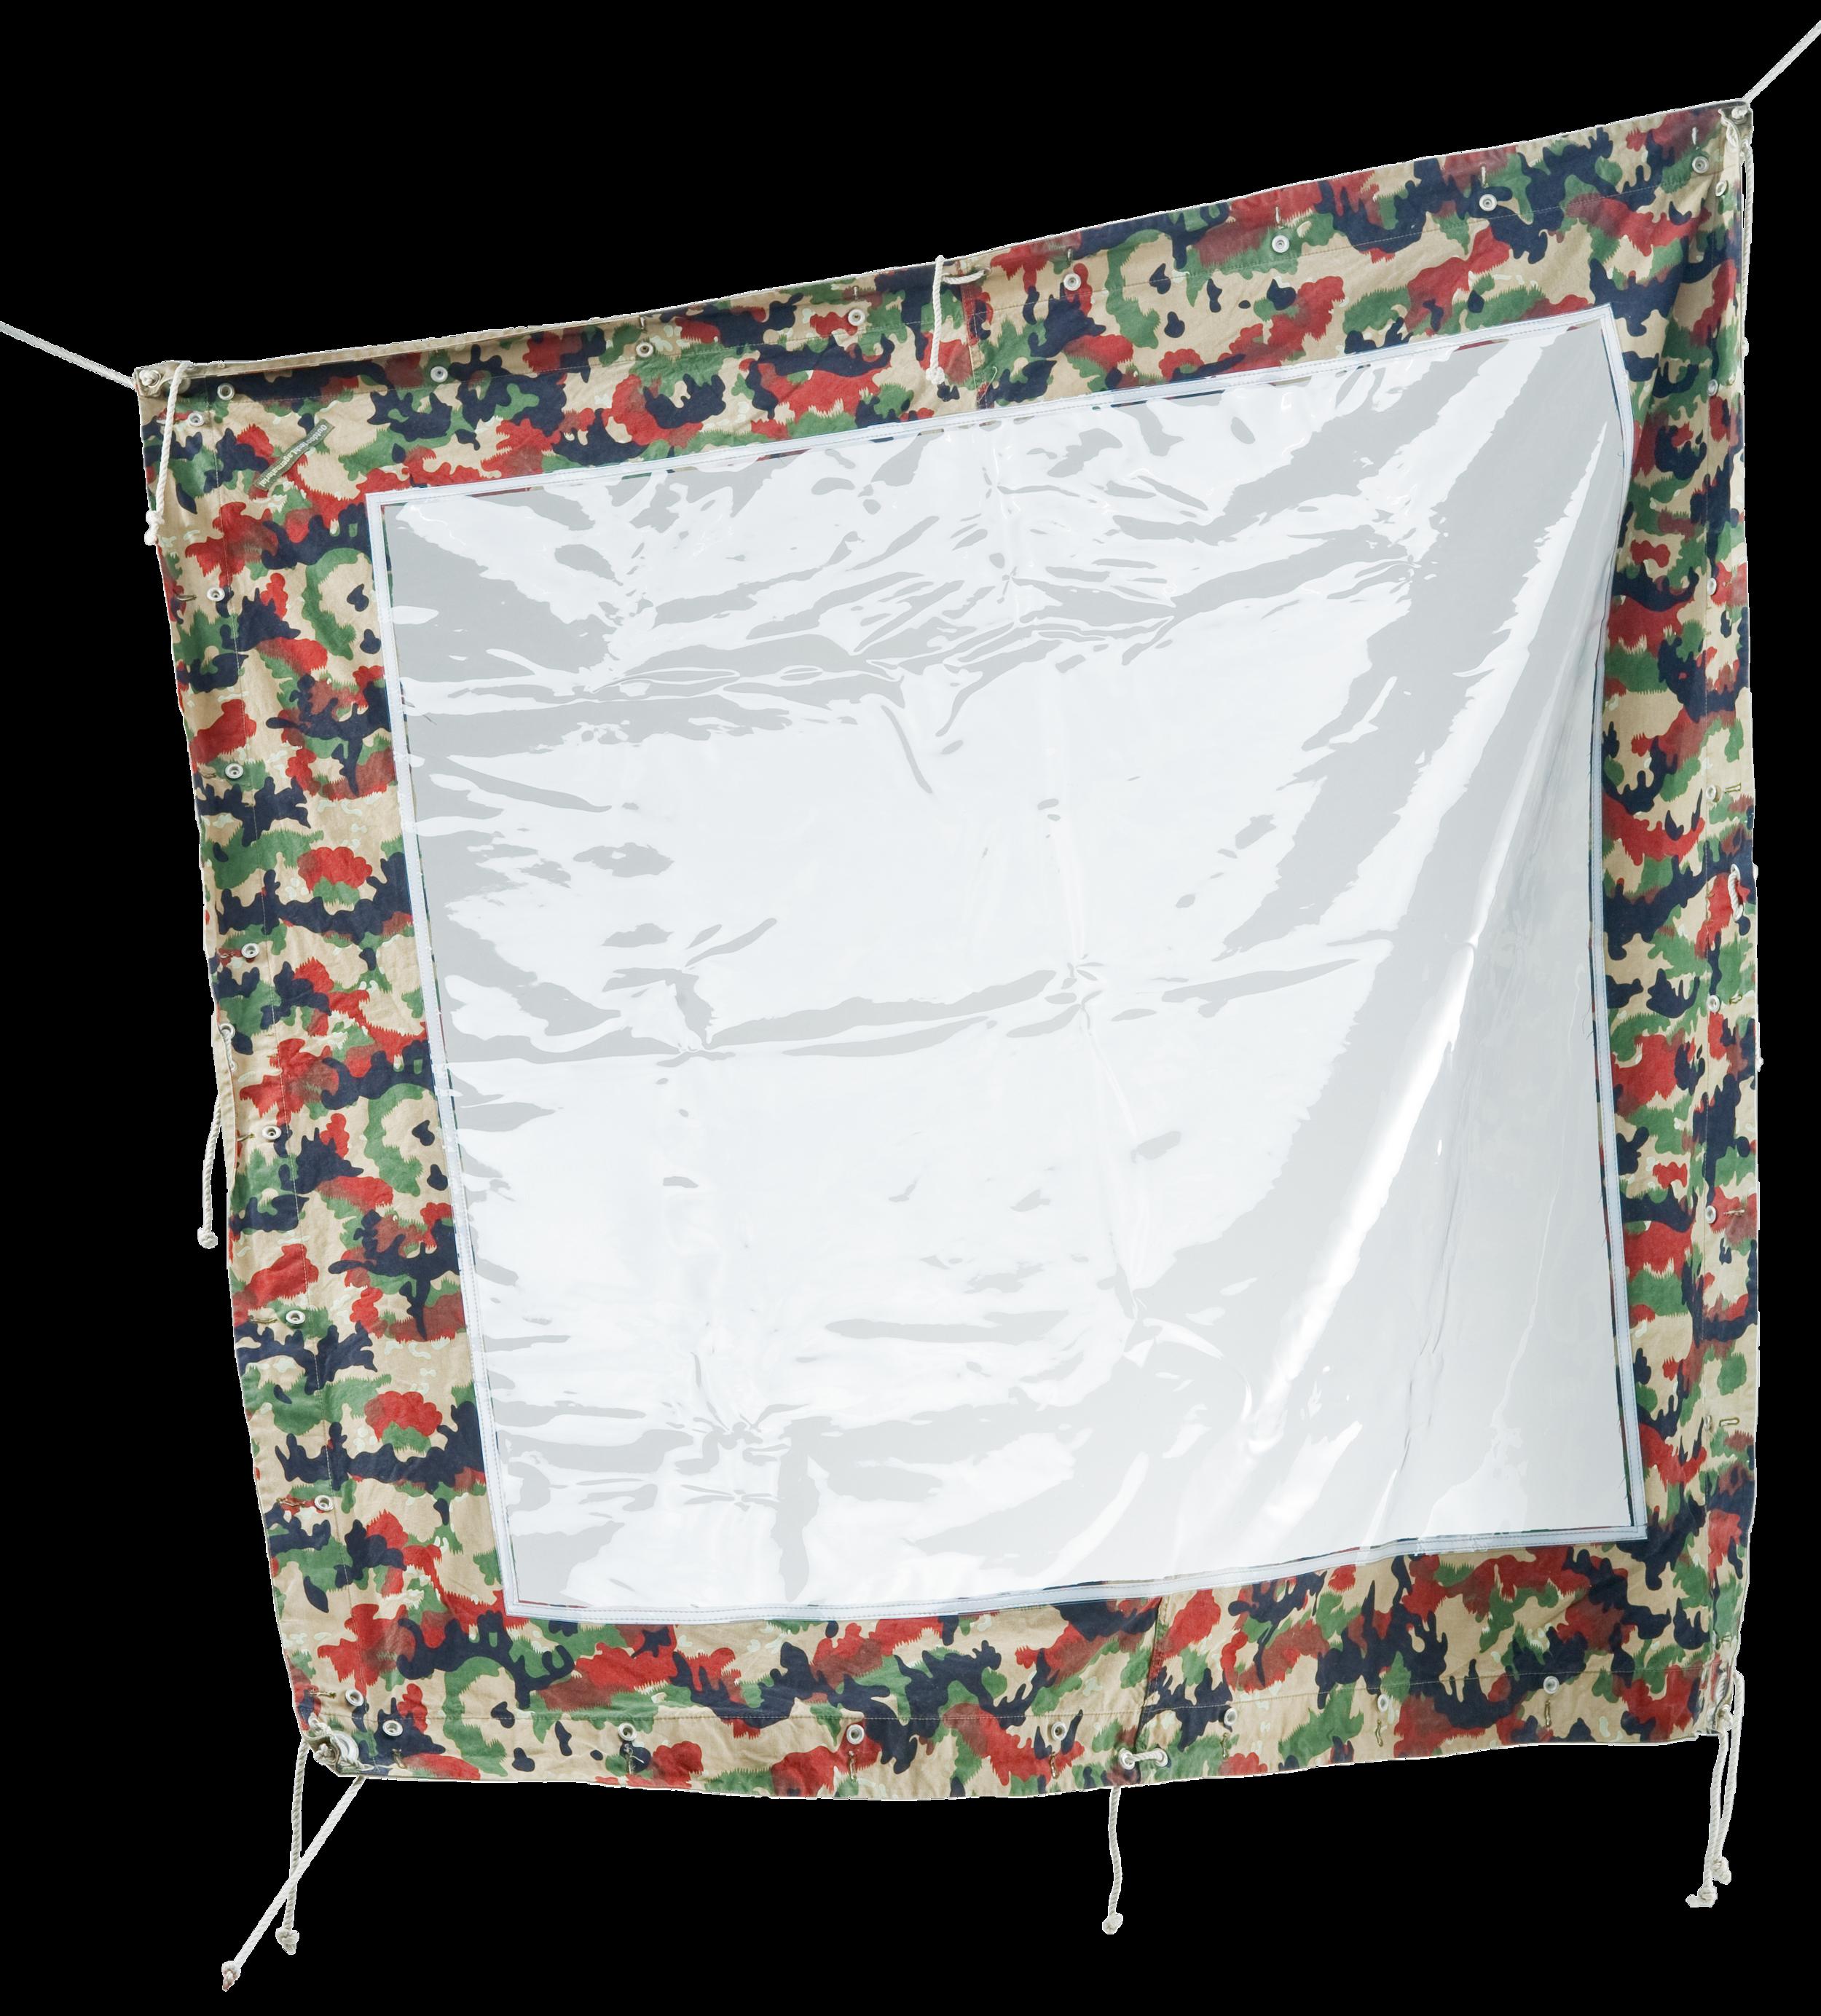 Fensterblache - Mit der Fensterplache endlich Licht im Sarasani oder Blachenzelt. Aus fast nie gebrauchten Schweizer Armeeblachen wird von uns in Handarbeit eine stabile und UV beständige Fensterblache der Firma Bieri eingenäht. Die Blache ist selbstverständlich wasserdicht eingenäht und wird seit Jahren erfolgreich eingesetzt.Schweizer Armeeblache gebraucht, Zustand AAAHandmade in der SchweizFensterabmessung 1.40m ×1.20mNähte wasserdichtDicke Fensterfolie: 0.5mmCHF 150.–